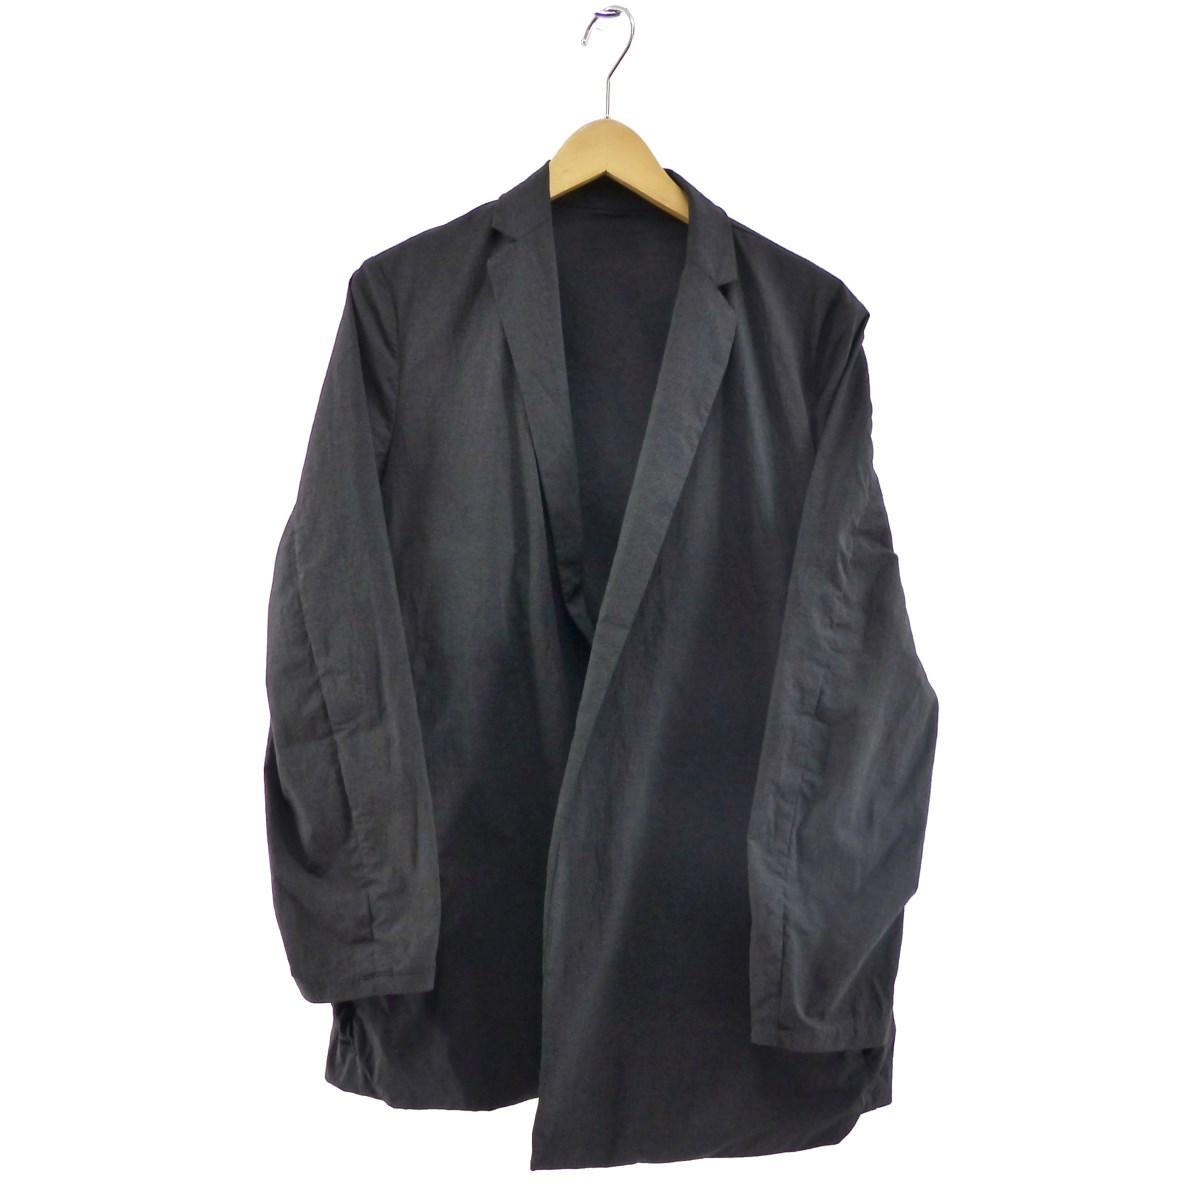 【中古】TEATORA Roomkey Jacket PH グレー サイズ:2 【080420】(テアトラ)